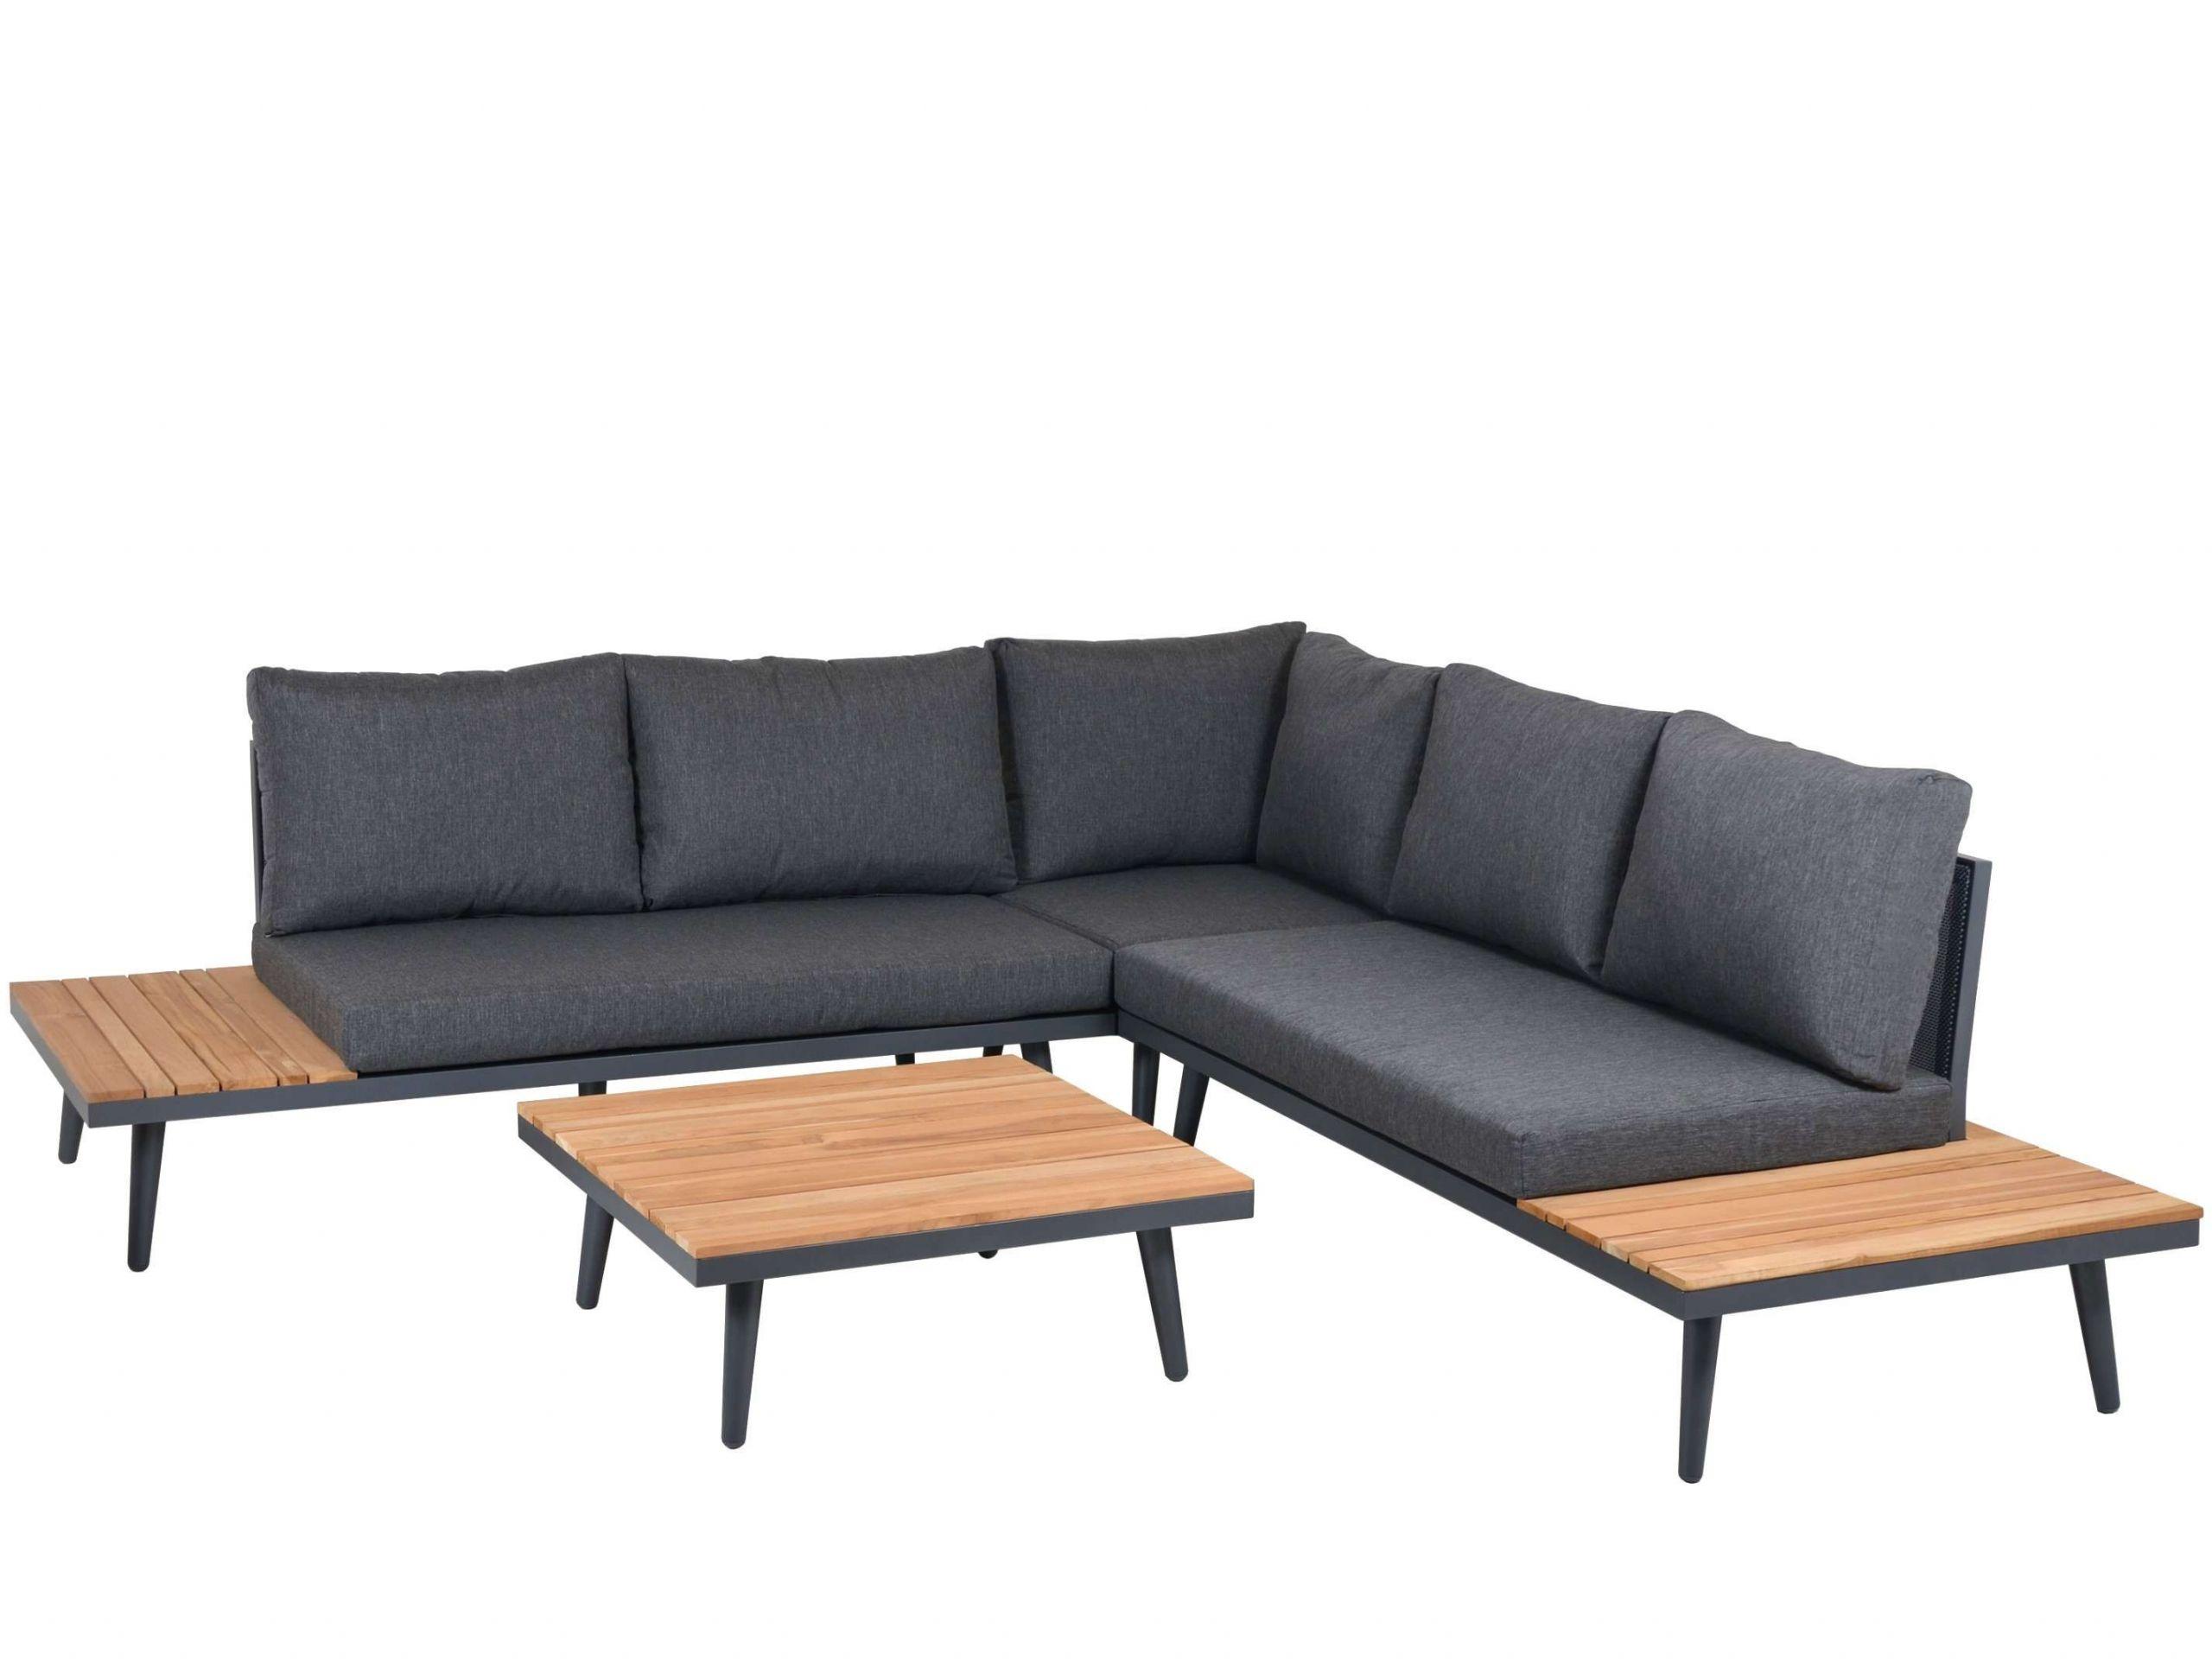 gartenbank 3 sitzer elegant esstisch mit bank neu bank balkon 0d planen von gartenbank holz grau of gartenbank holz grau